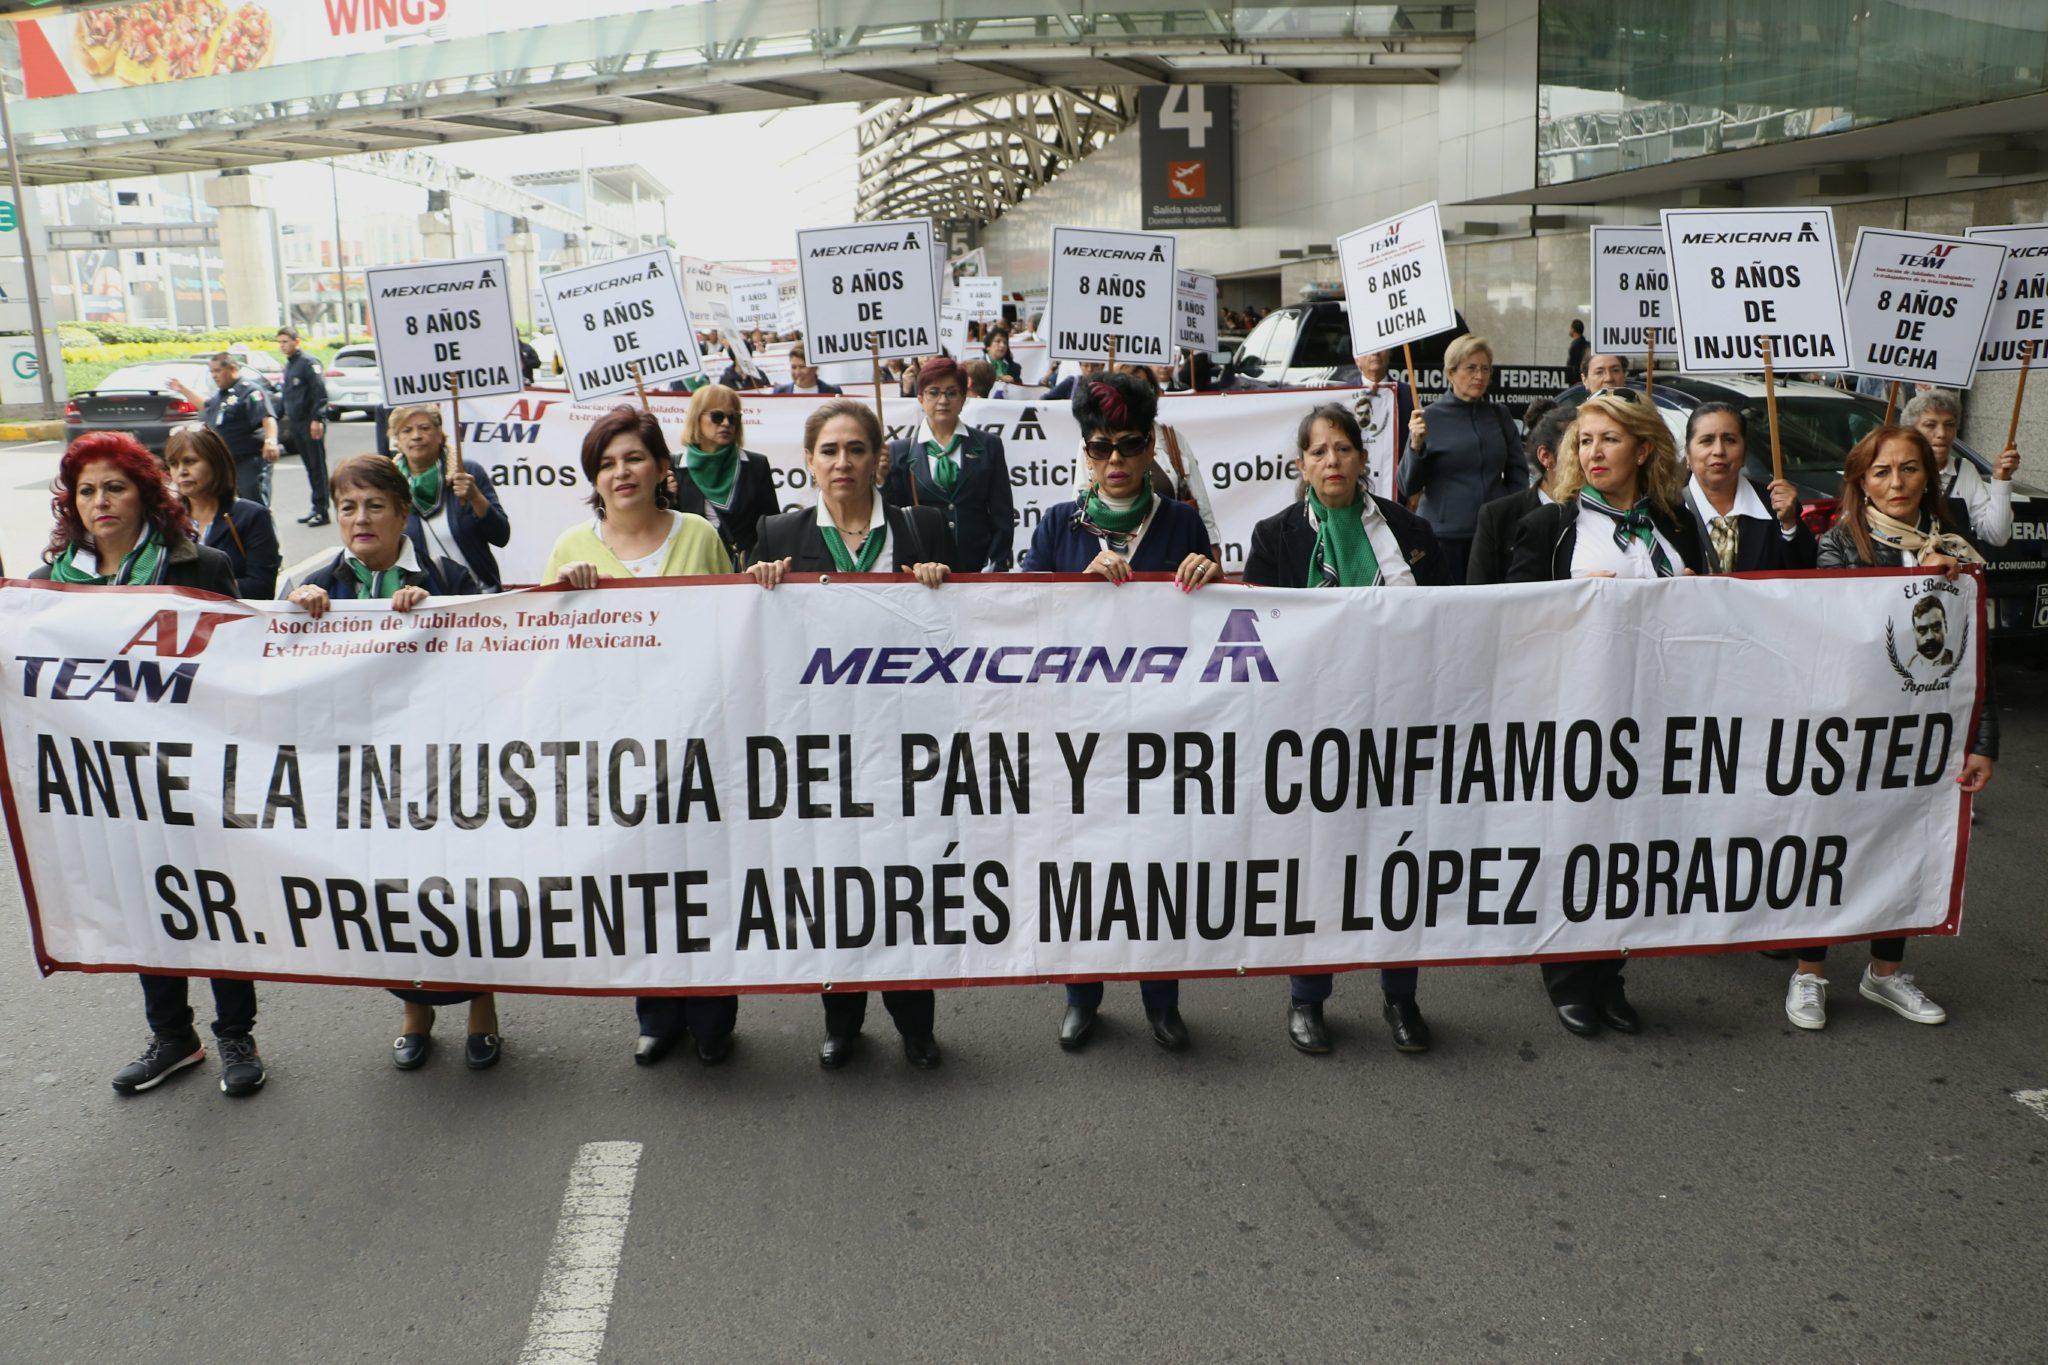 Han fallecido desde 2010, 28 trabajadores jubilados de Mexicana